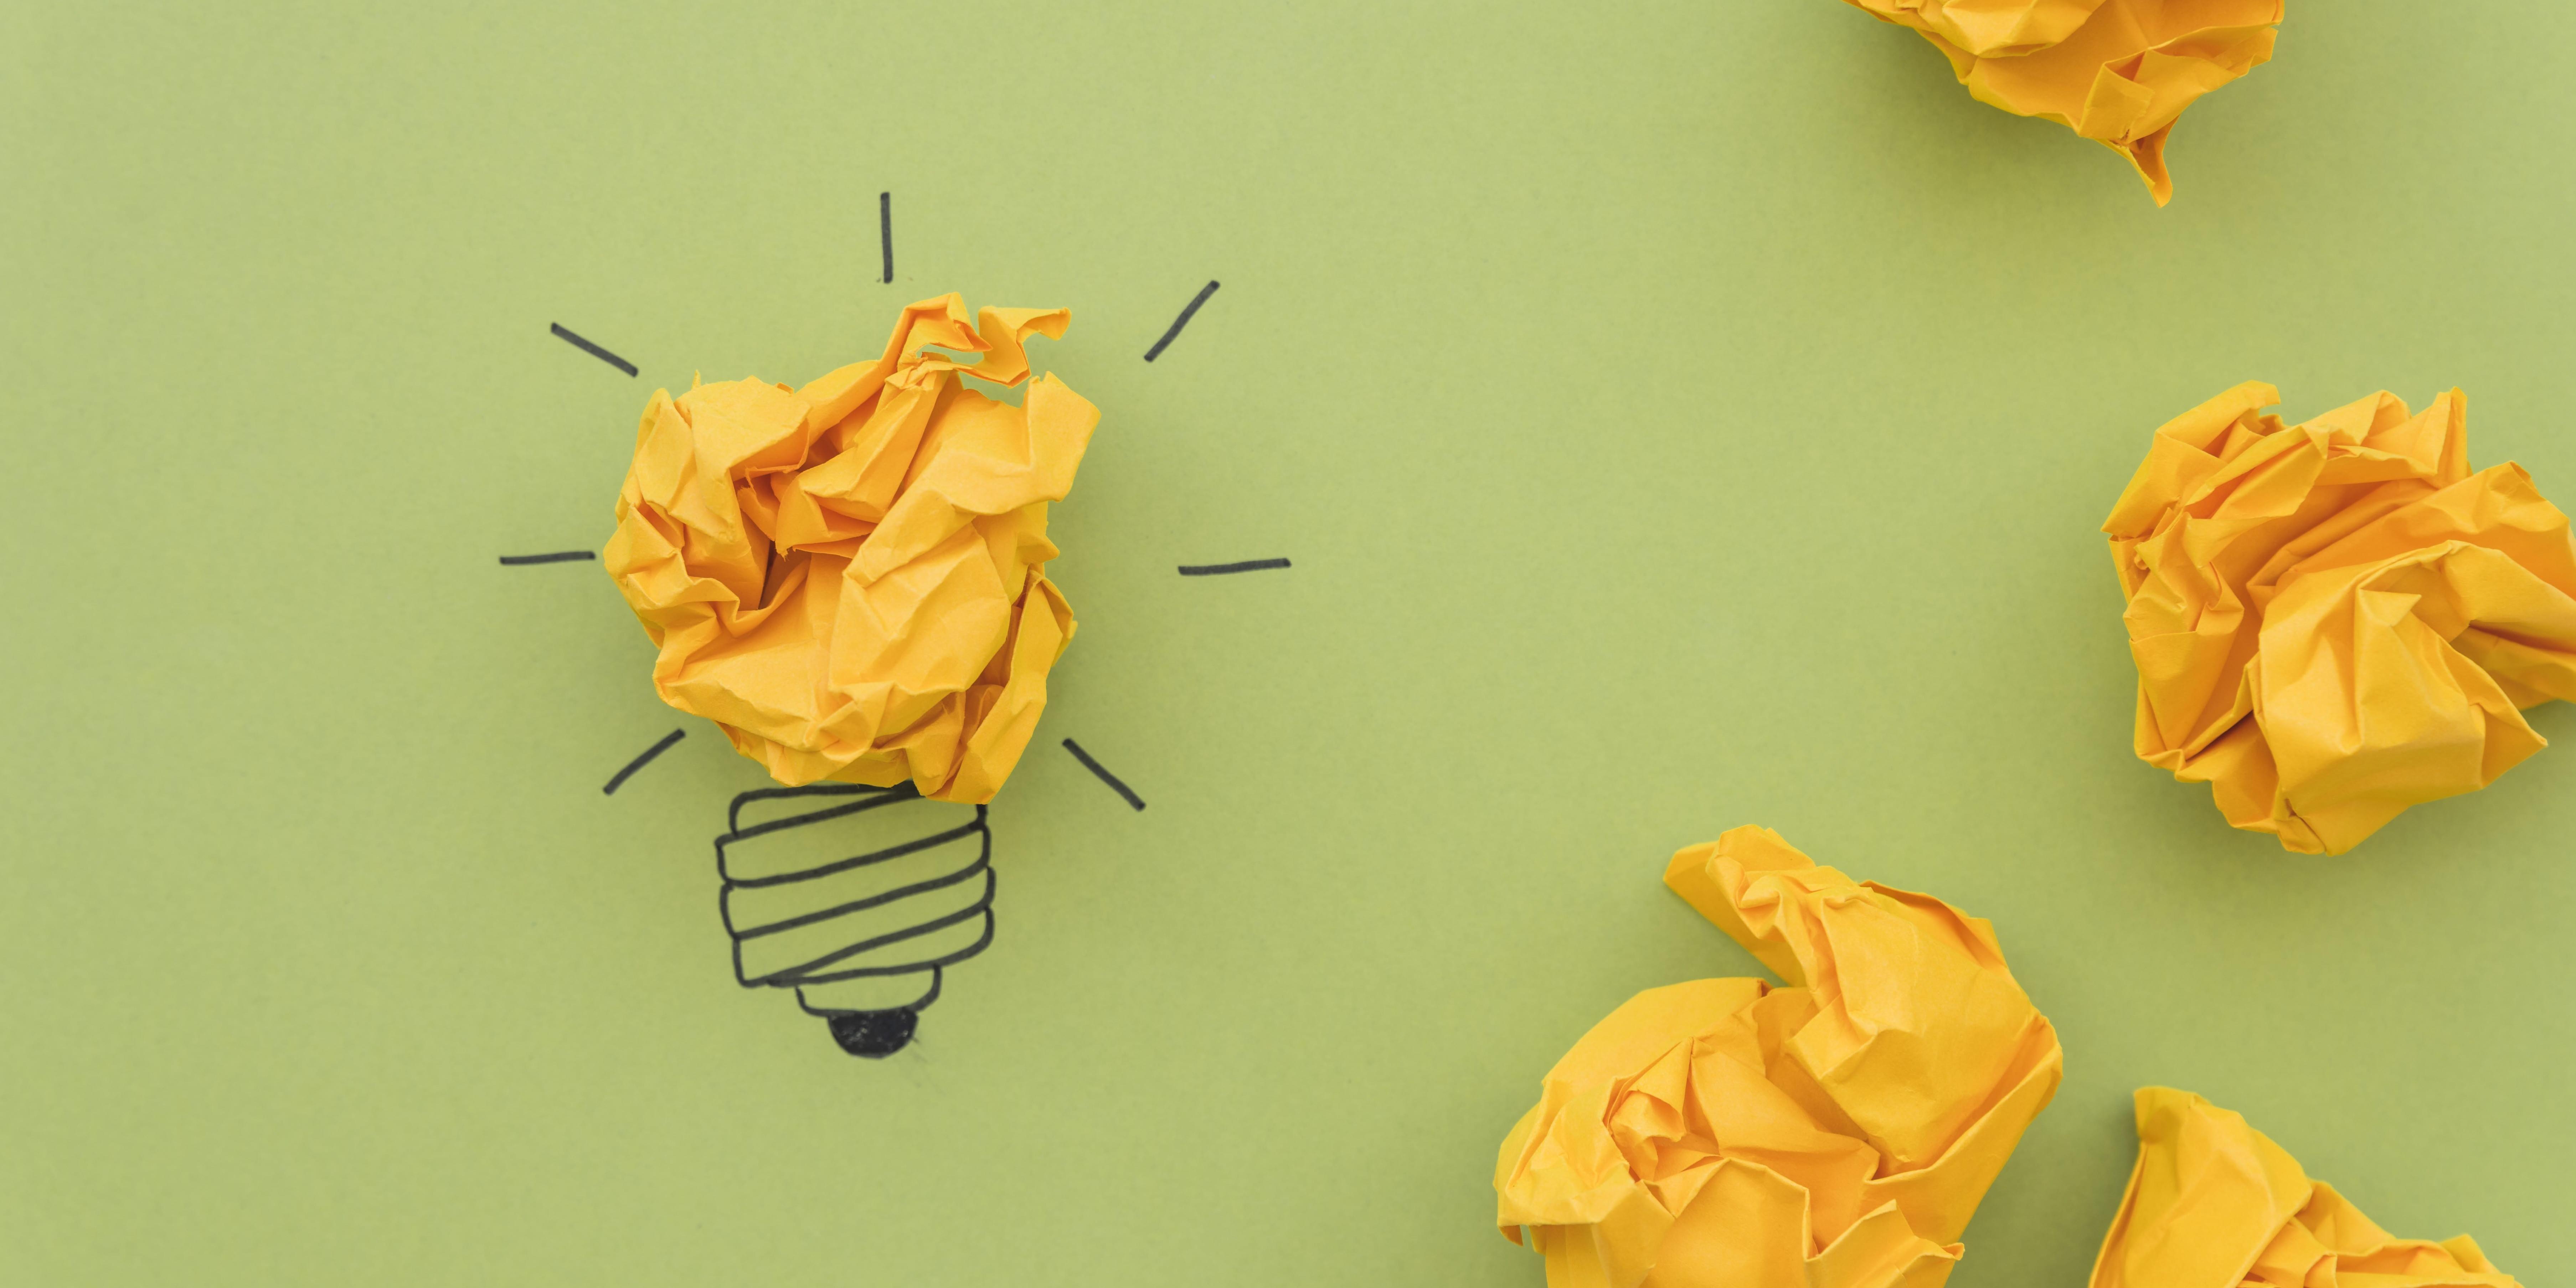 Design Thinking para resolver problemas con innovación